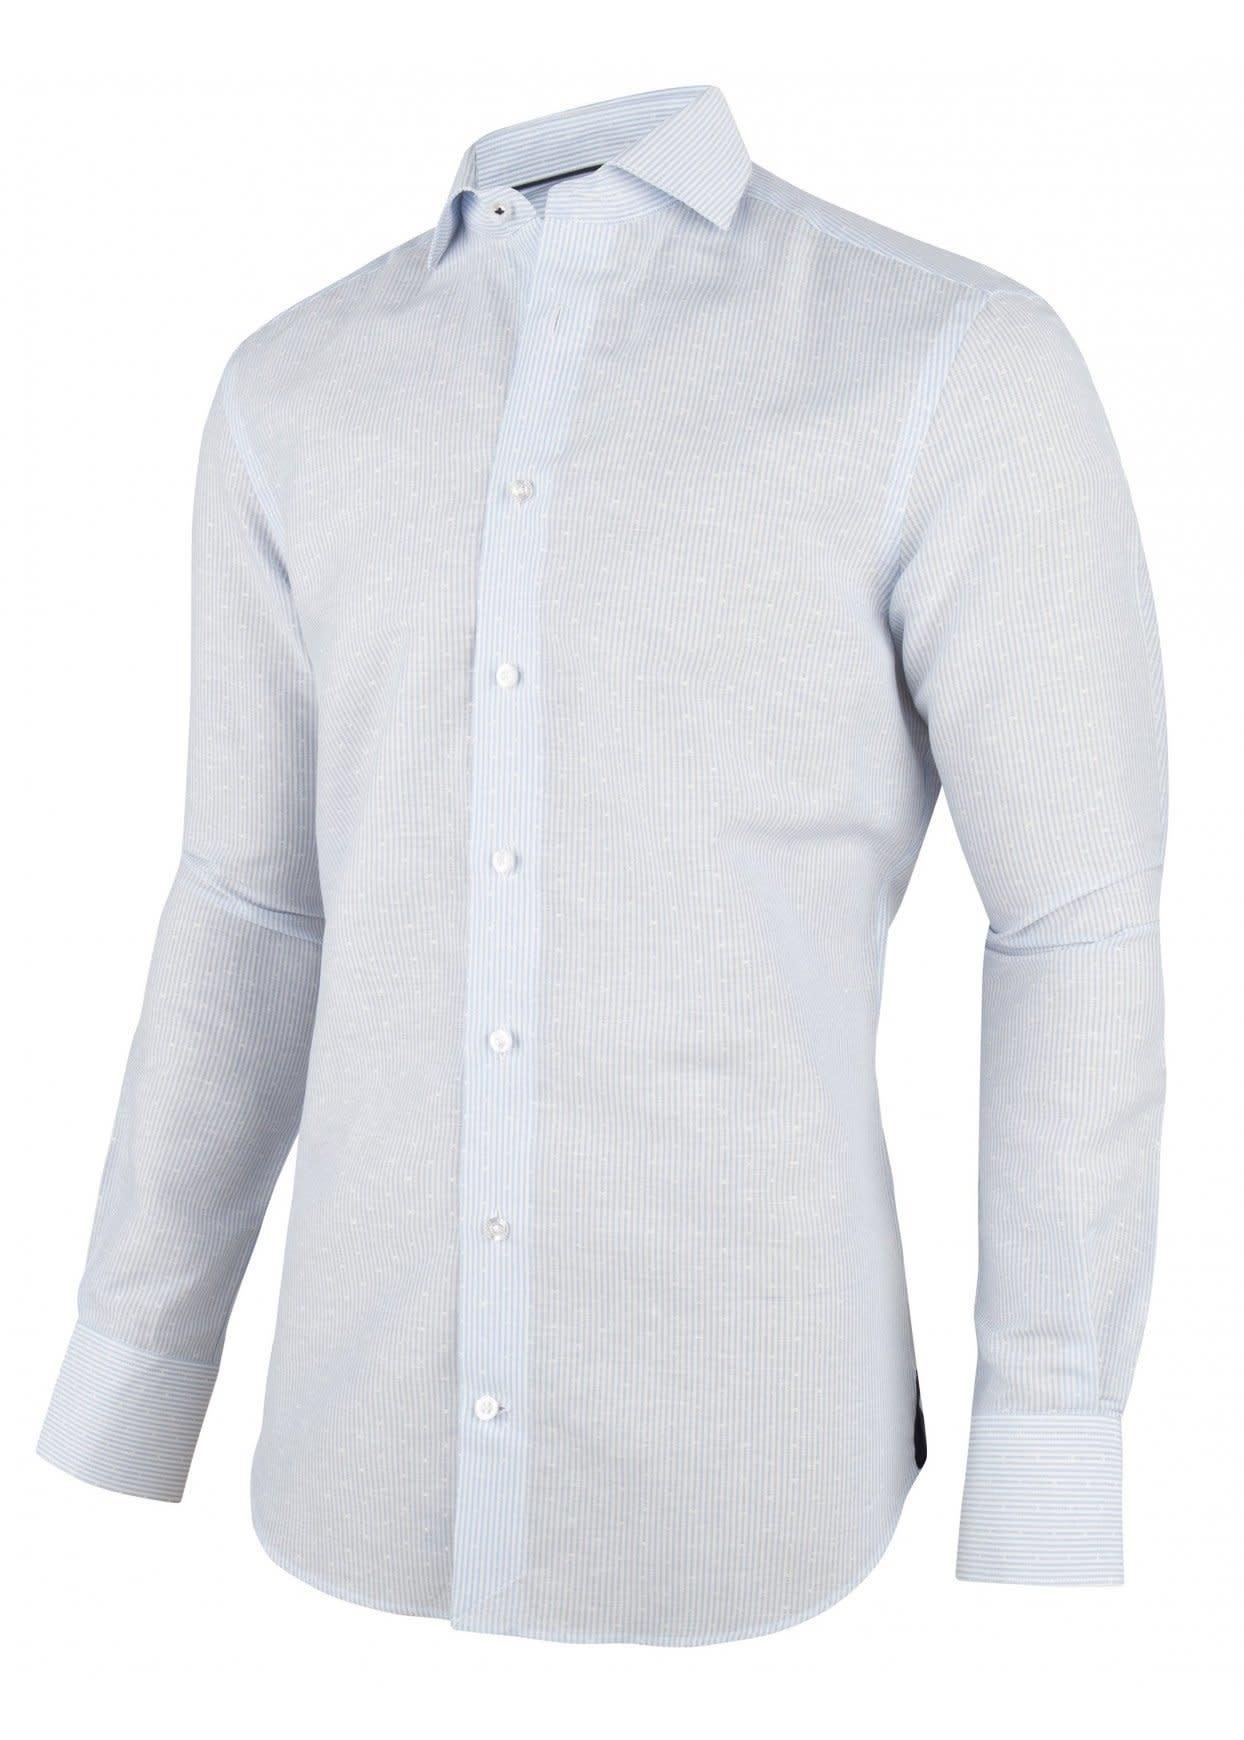 Bari overhemd-5